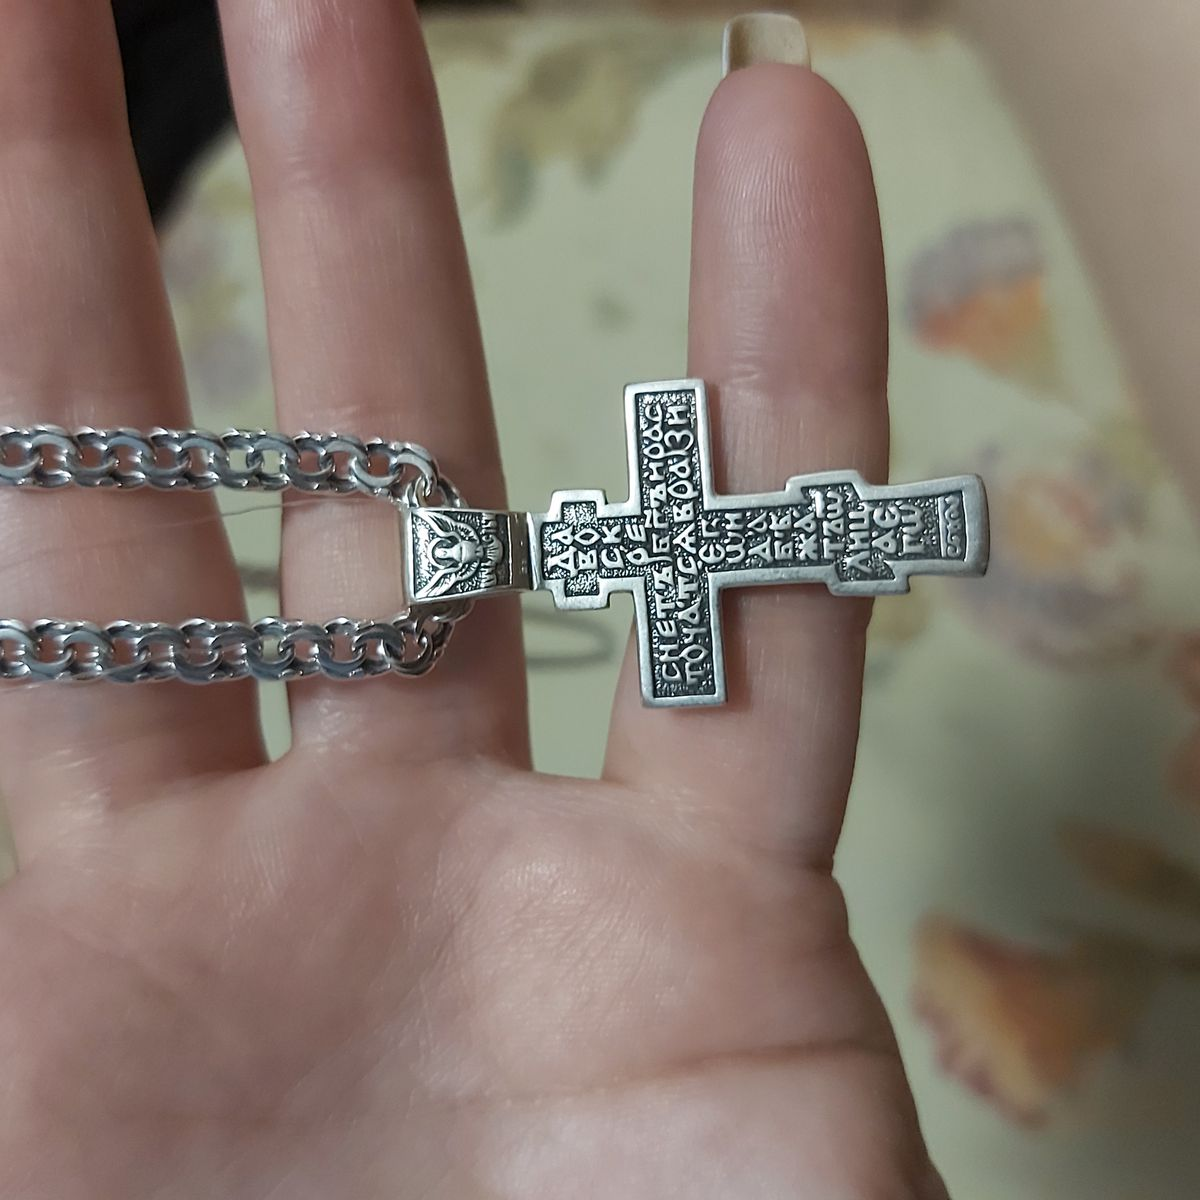 Супер! Очень красивый крест!